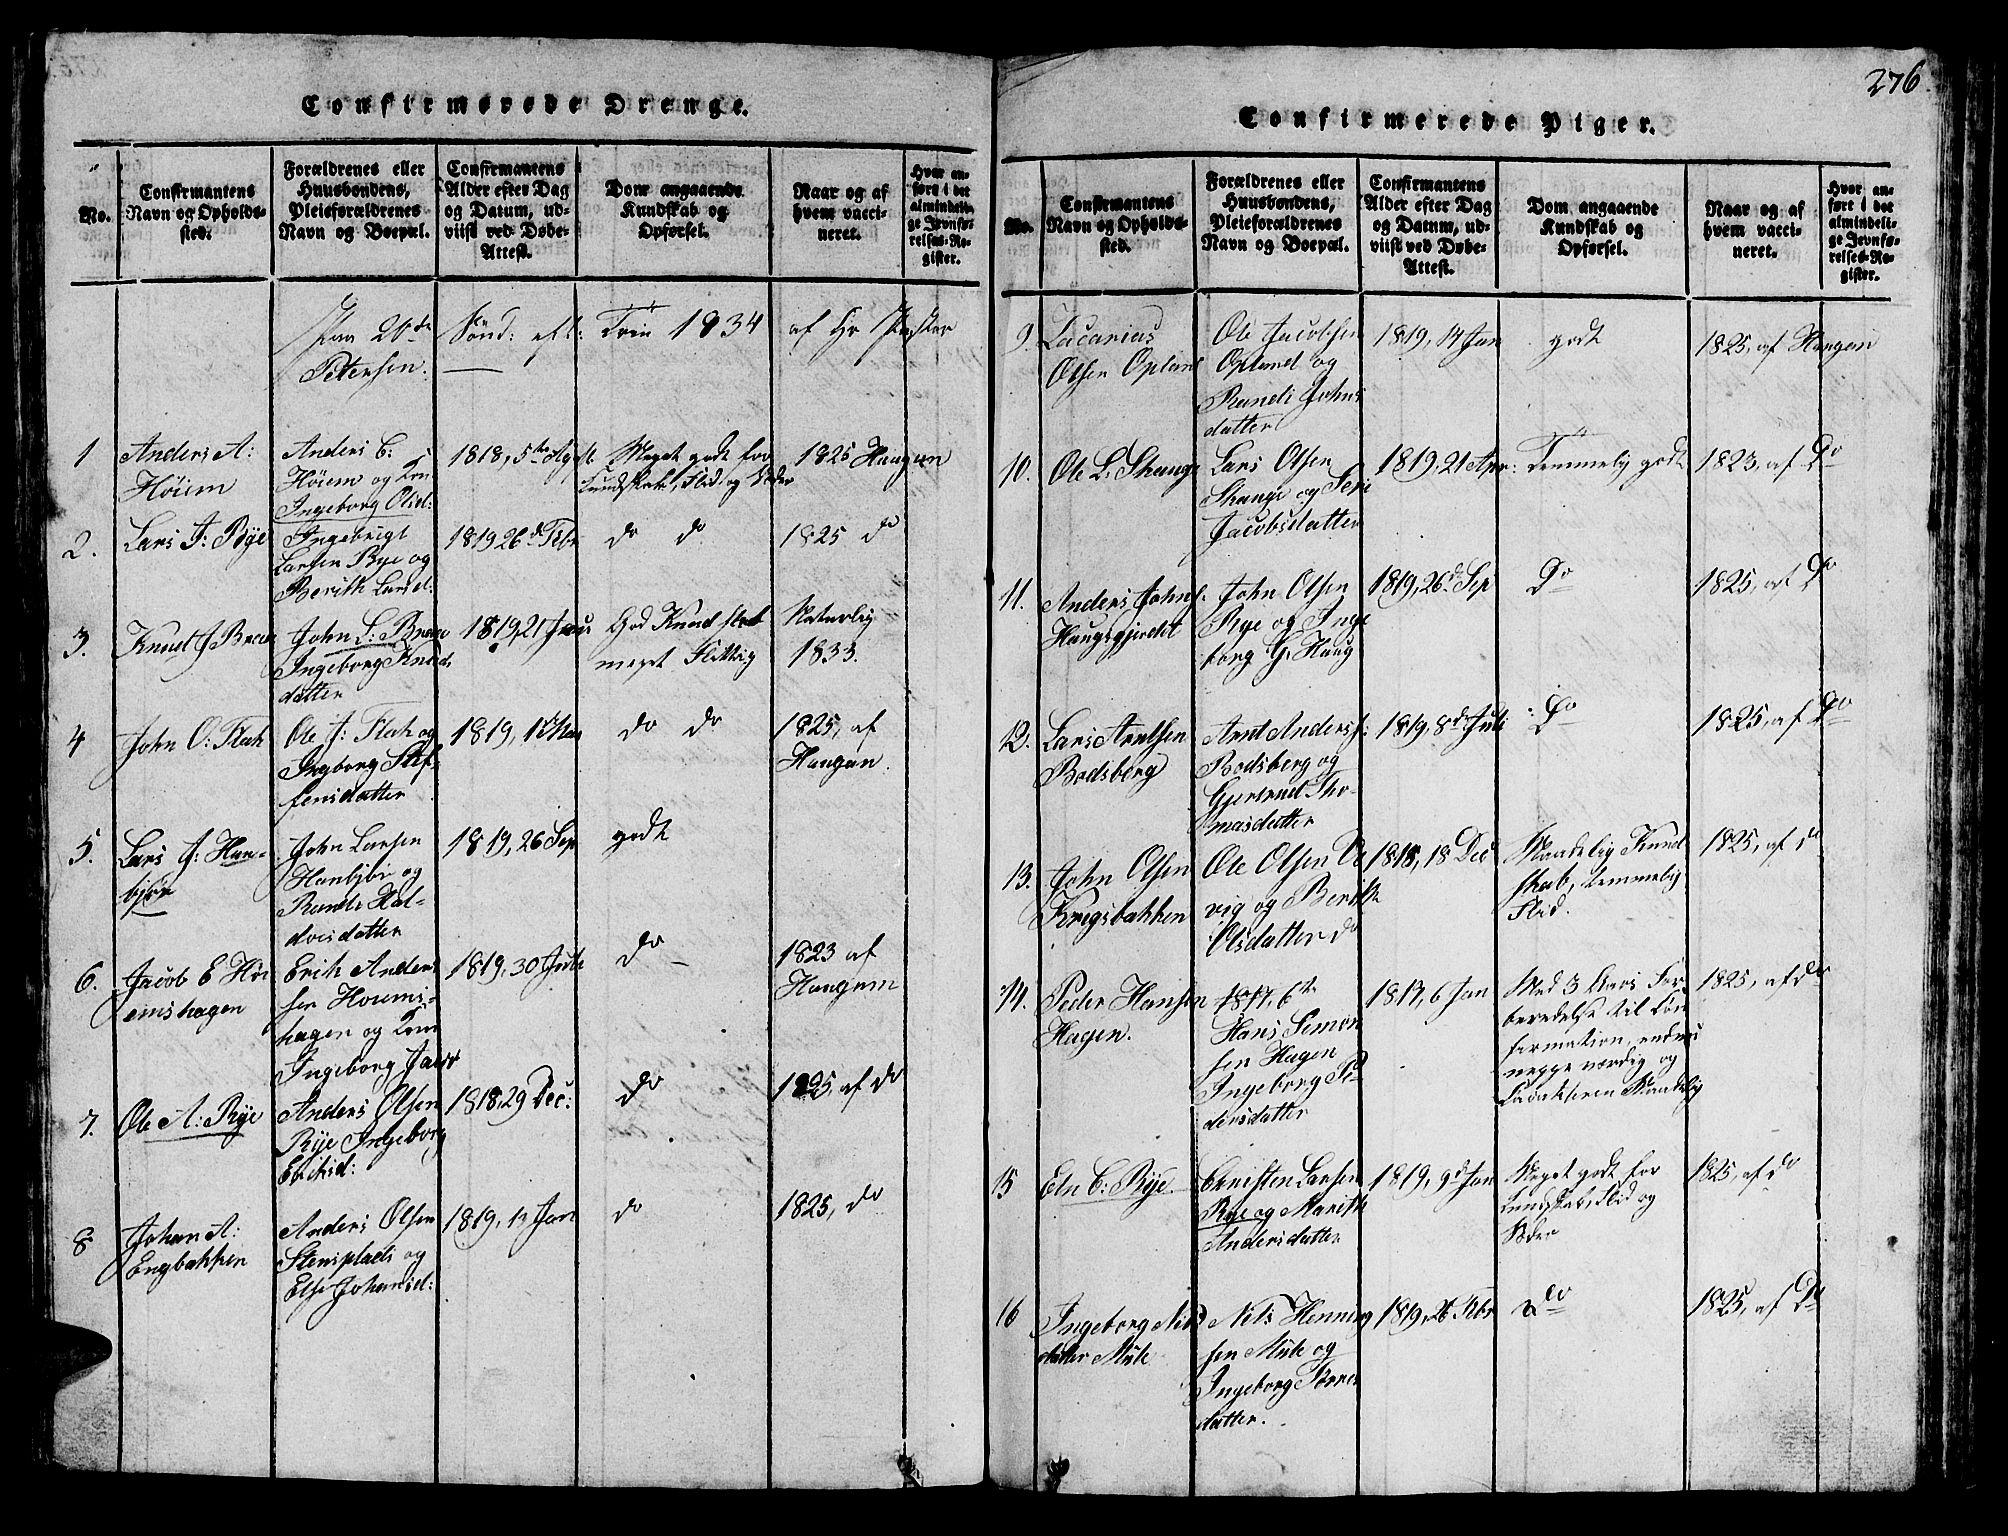 SAT, Ministerialprotokoller, klokkerbøker og fødselsregistre - Sør-Trøndelag, 612/L0385: Klokkerbok nr. 612C01, 1816-1845, s. 276